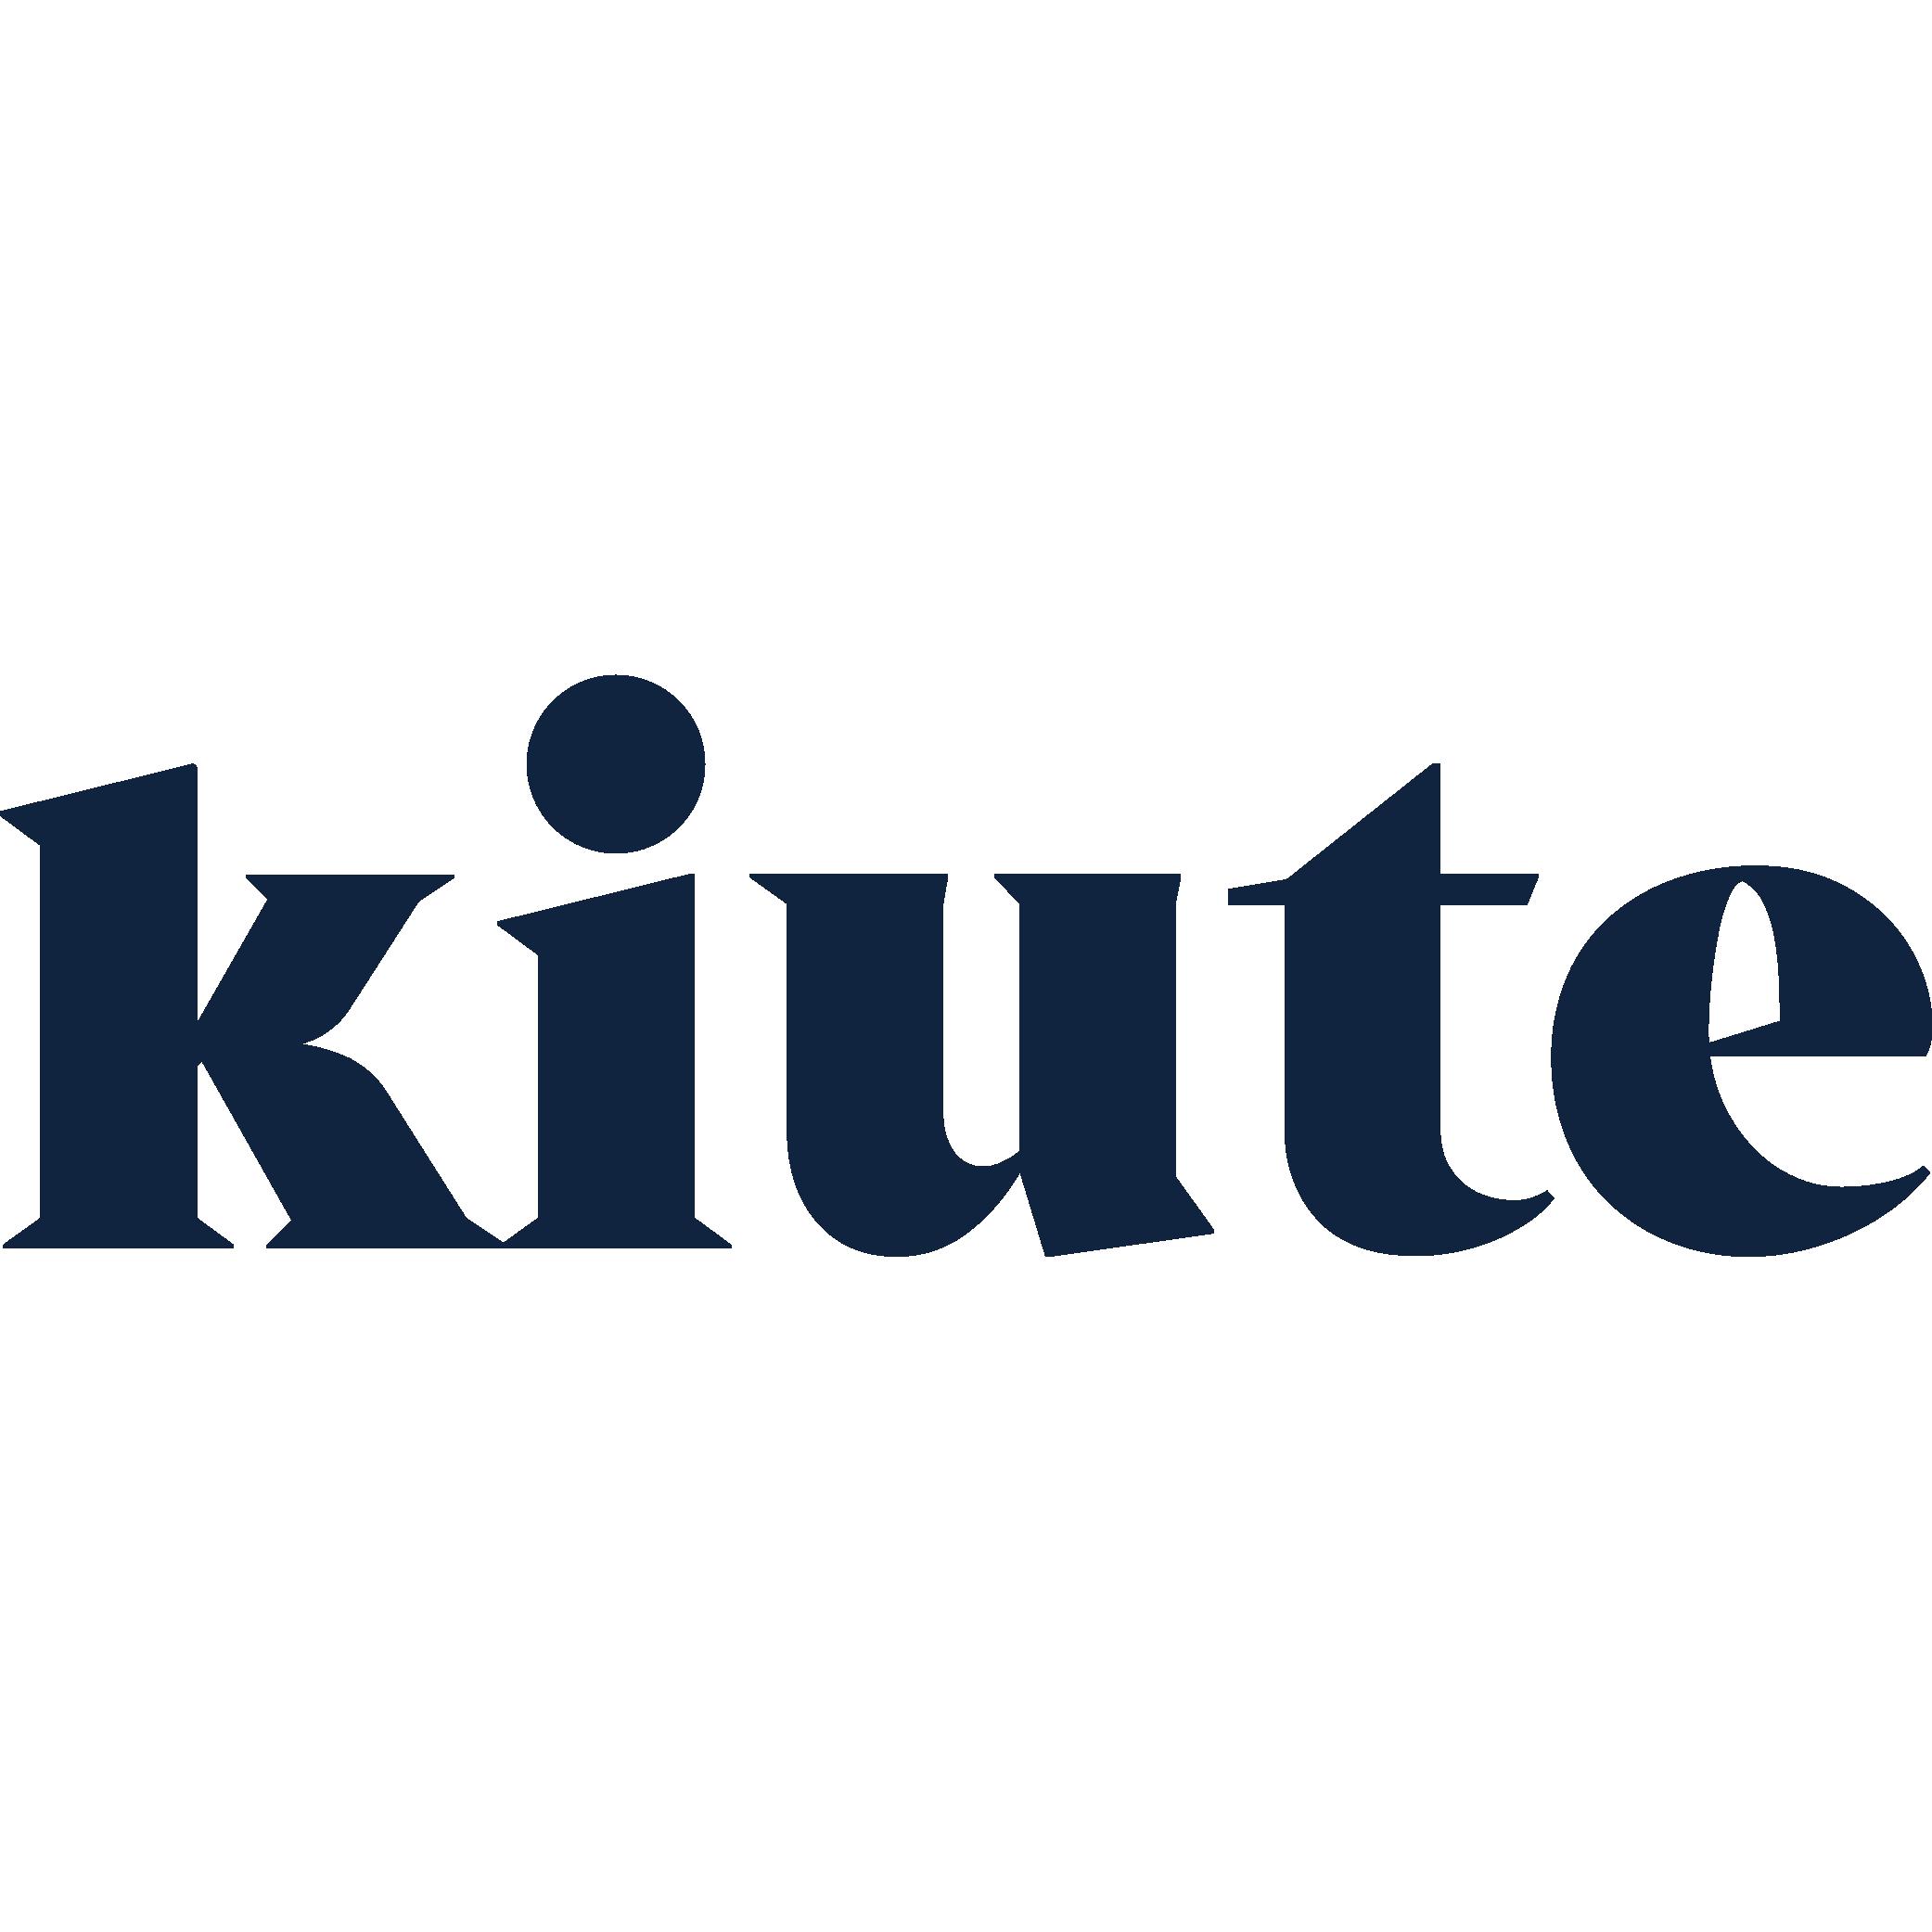 Kiute